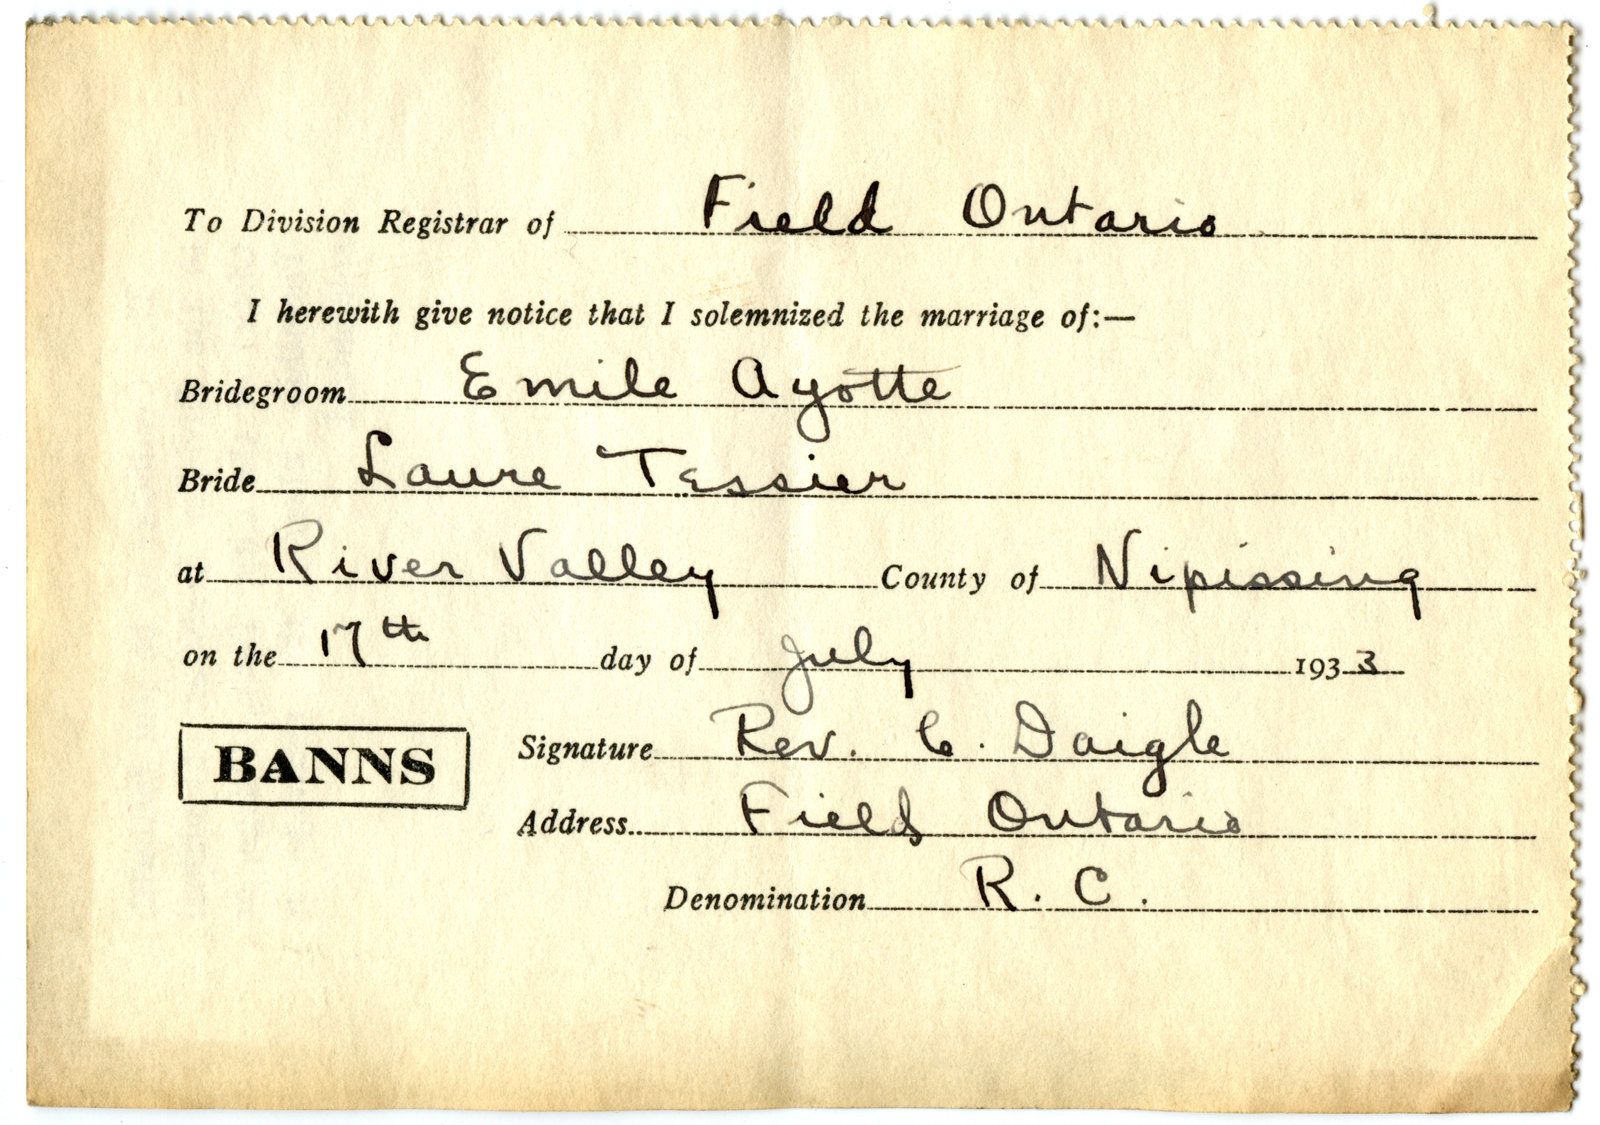 Certificat de mariage de / Marriage certificate of Émile Ayotte & Laure Tessier